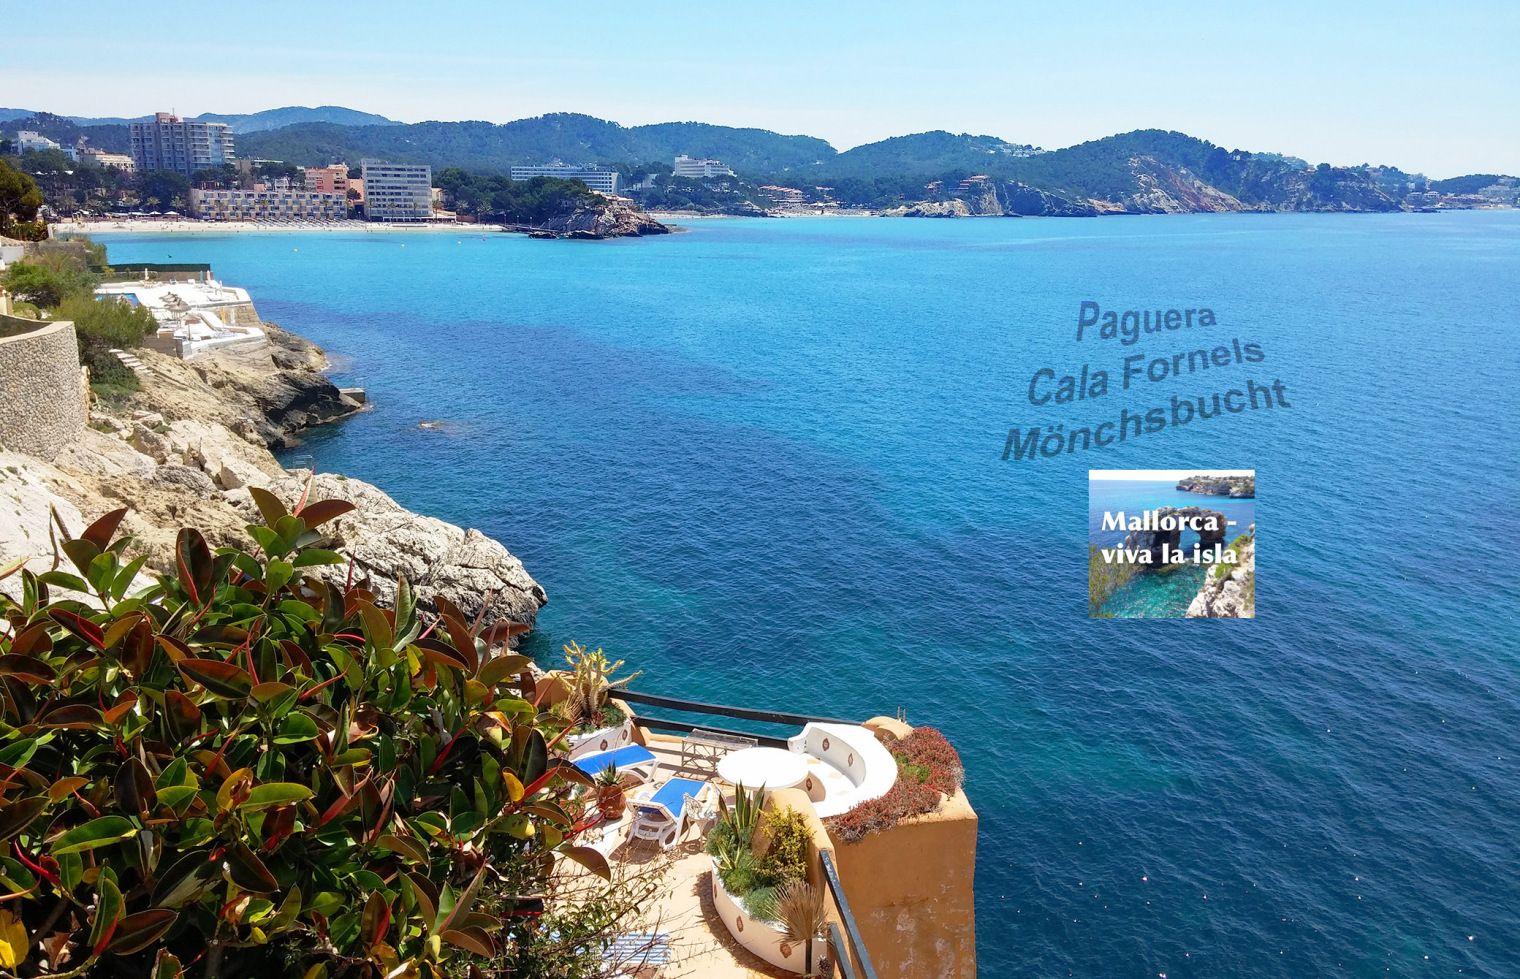 Paguera Immer Wieder Ein Beliebter Urlaubsort Auf Mallorca